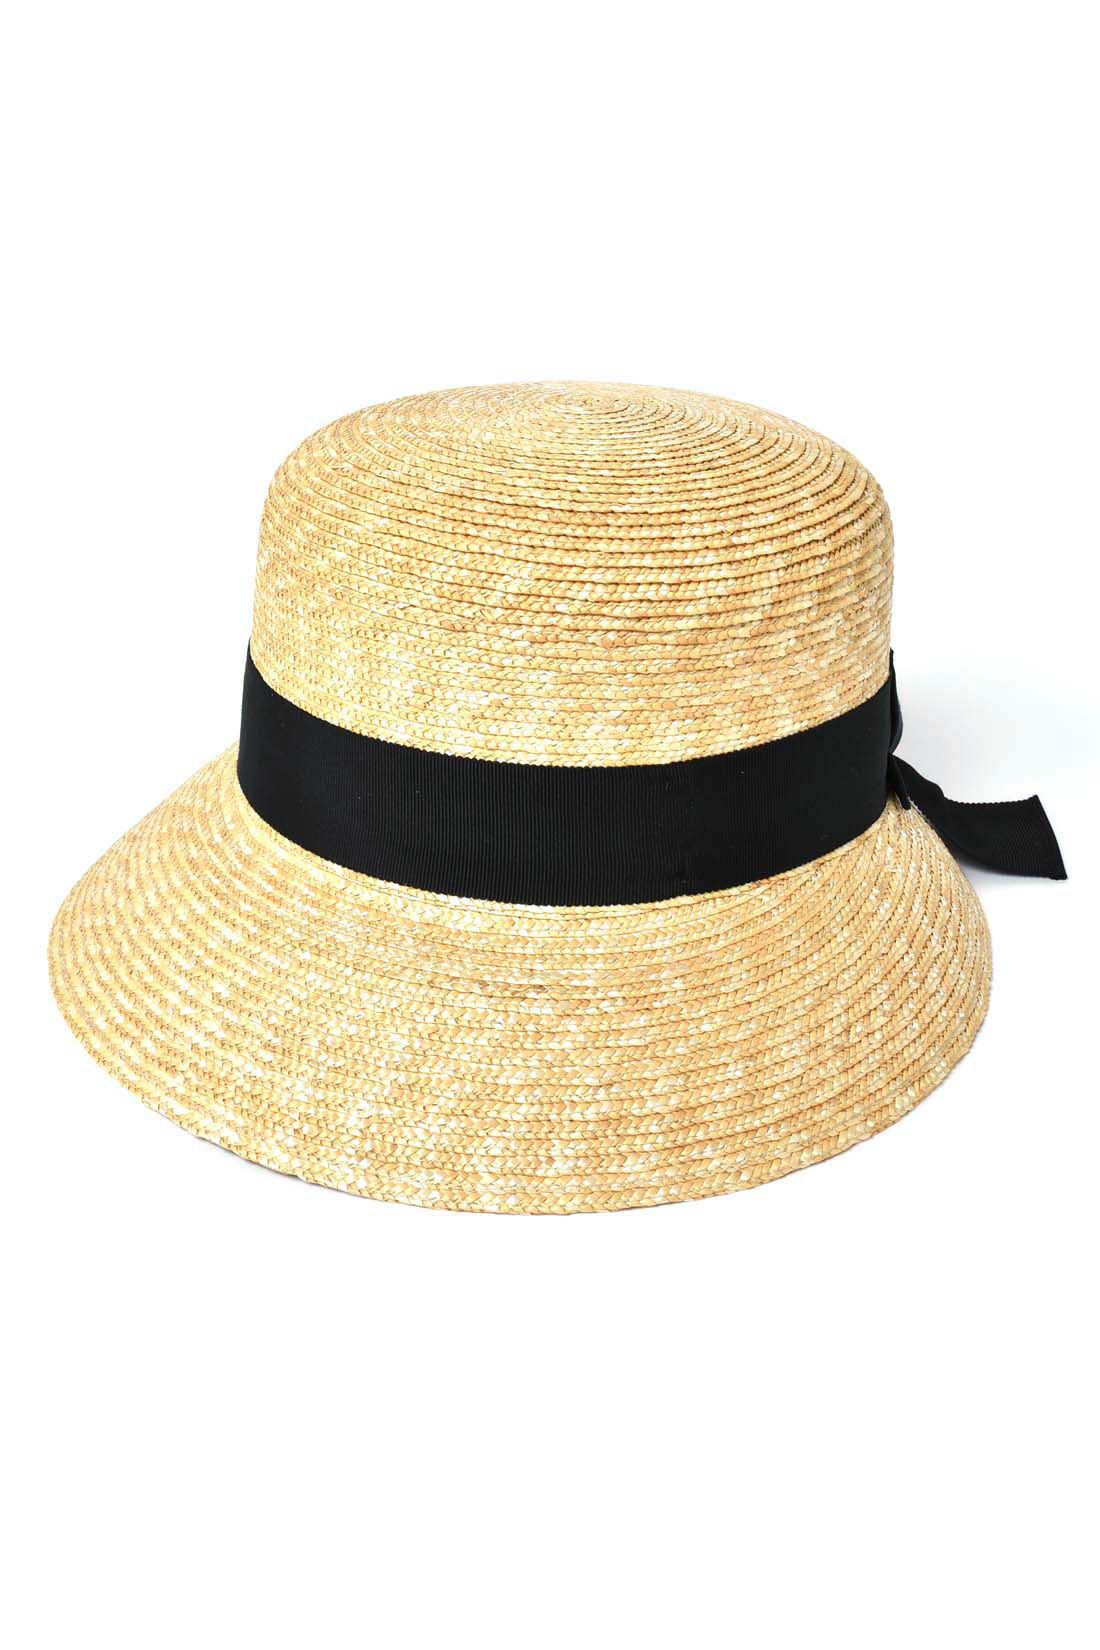 きれいな印象の麦わら帽〈Anne・アンヌ〉